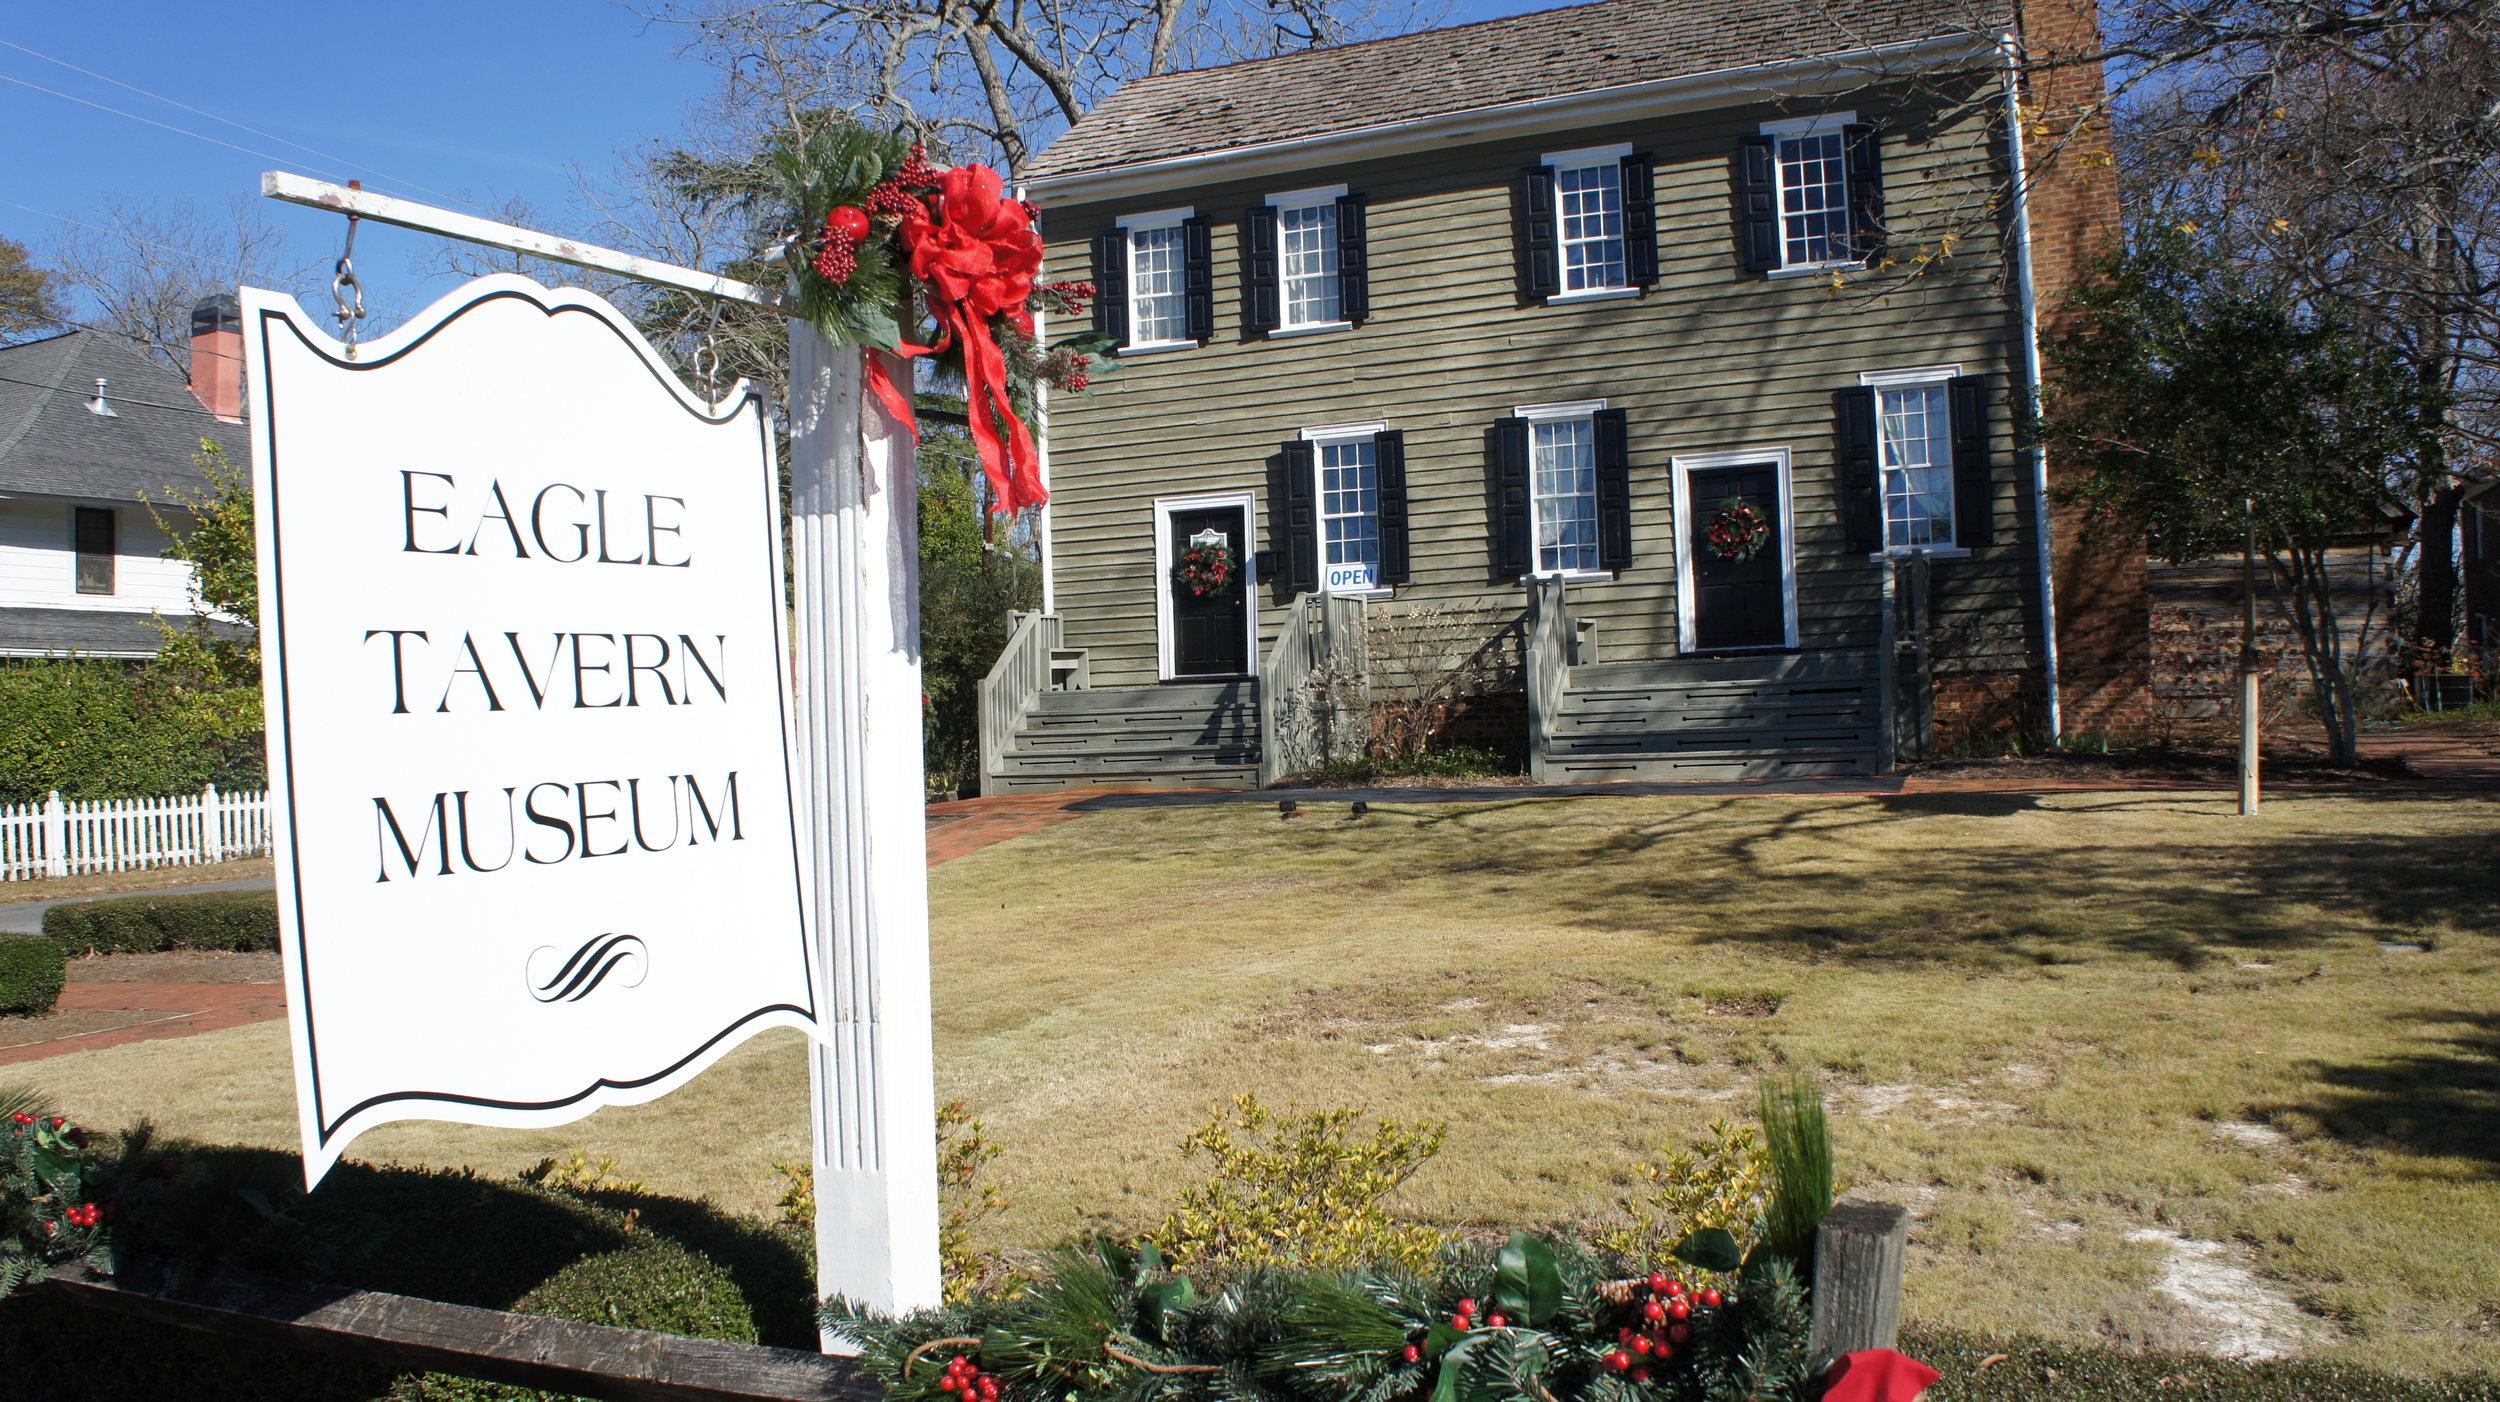 eagle-taven-museum-watkinsvile-georgia-oconee-springs-living-georgia-club-homes-house-fro-sale.jpg